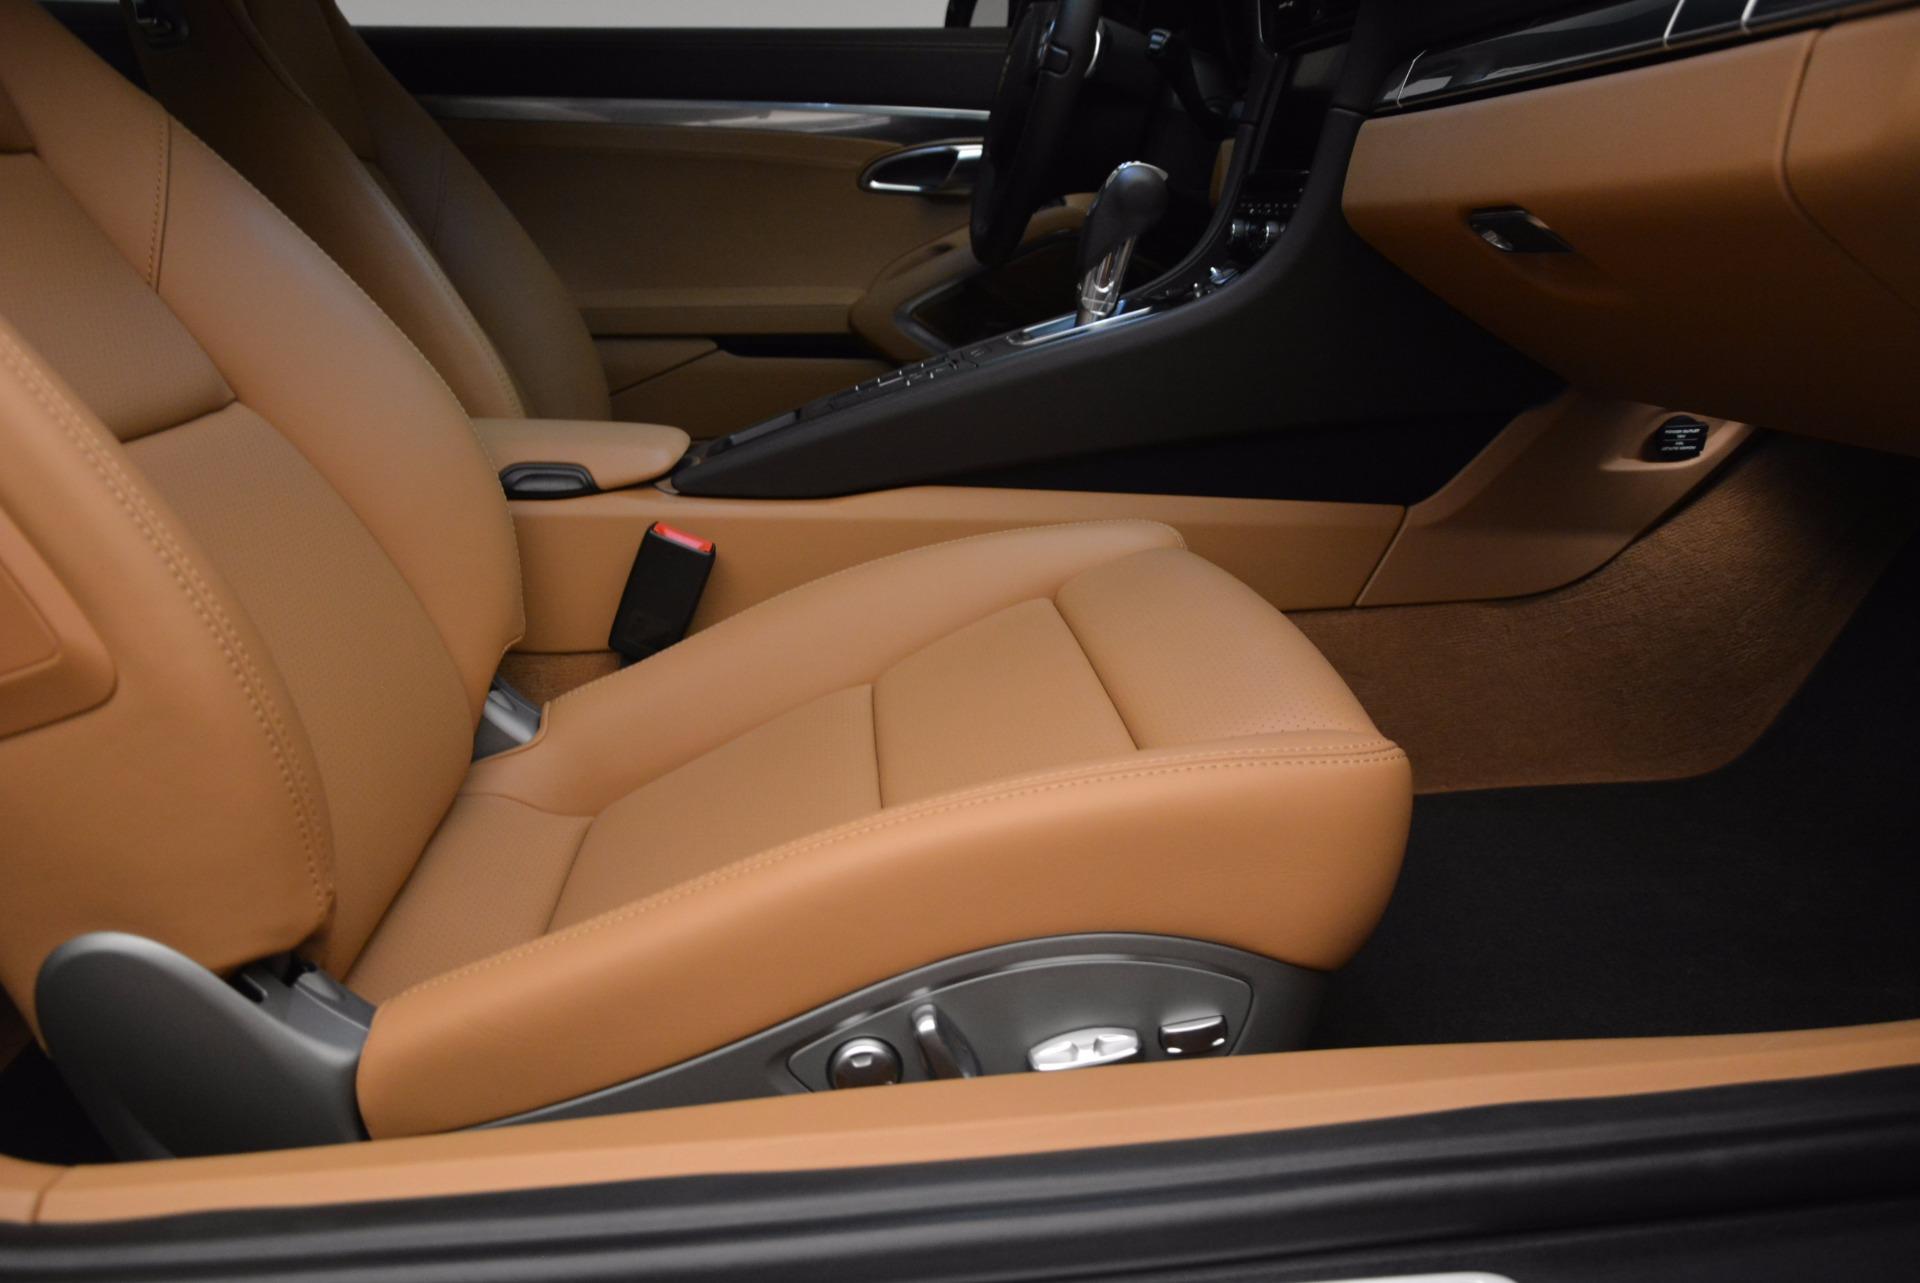 Used 2014 Porsche 911 Carrera 4S For Sale In Greenwich, CT 1076_p16